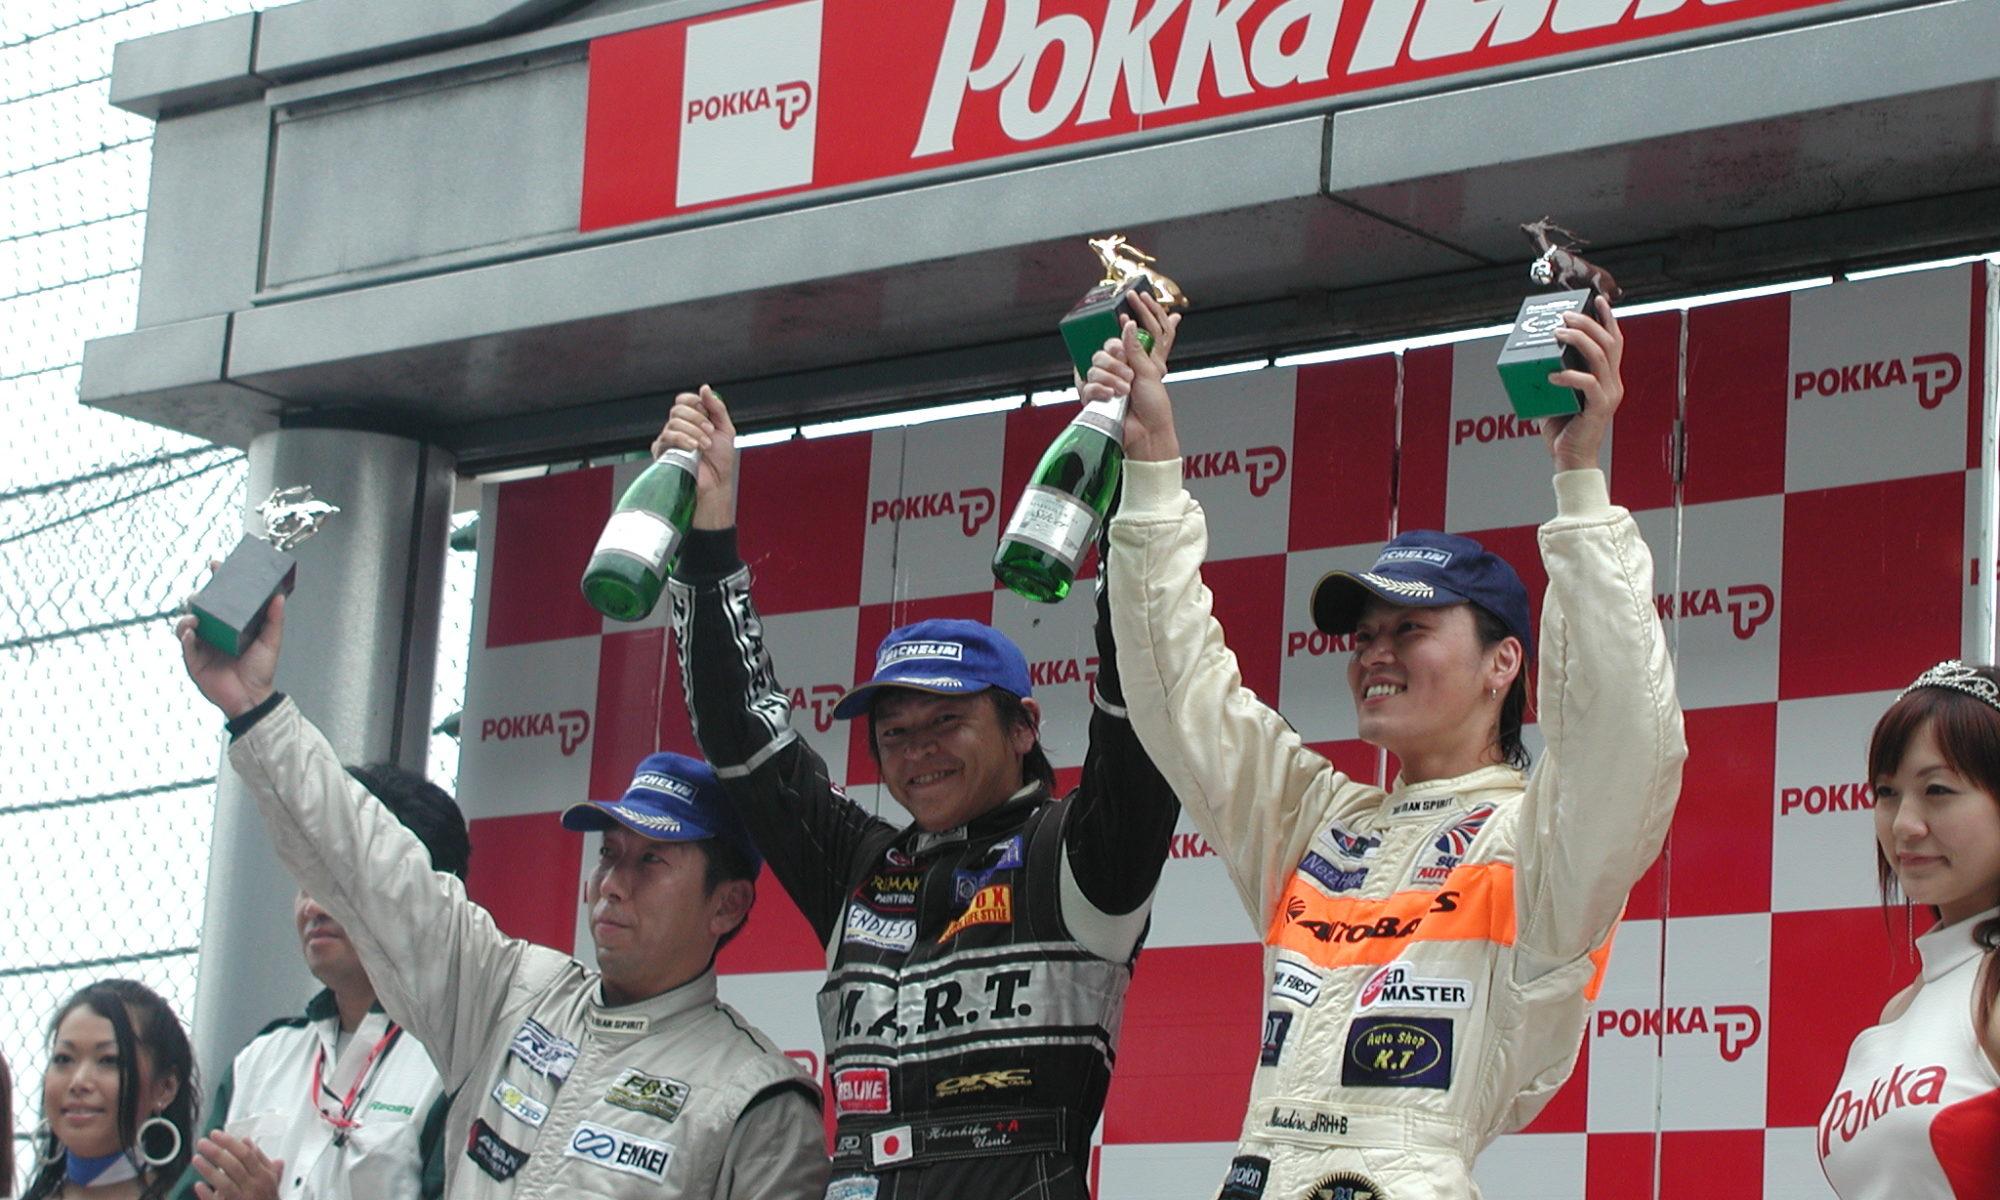 「勝利のシャンパンはまいう~」と運も呼び込んだ表彰台の上で至福のひととき。この瞬間が味わいたいからまたすぐにレースしたくなっちゃうんだよねっ。